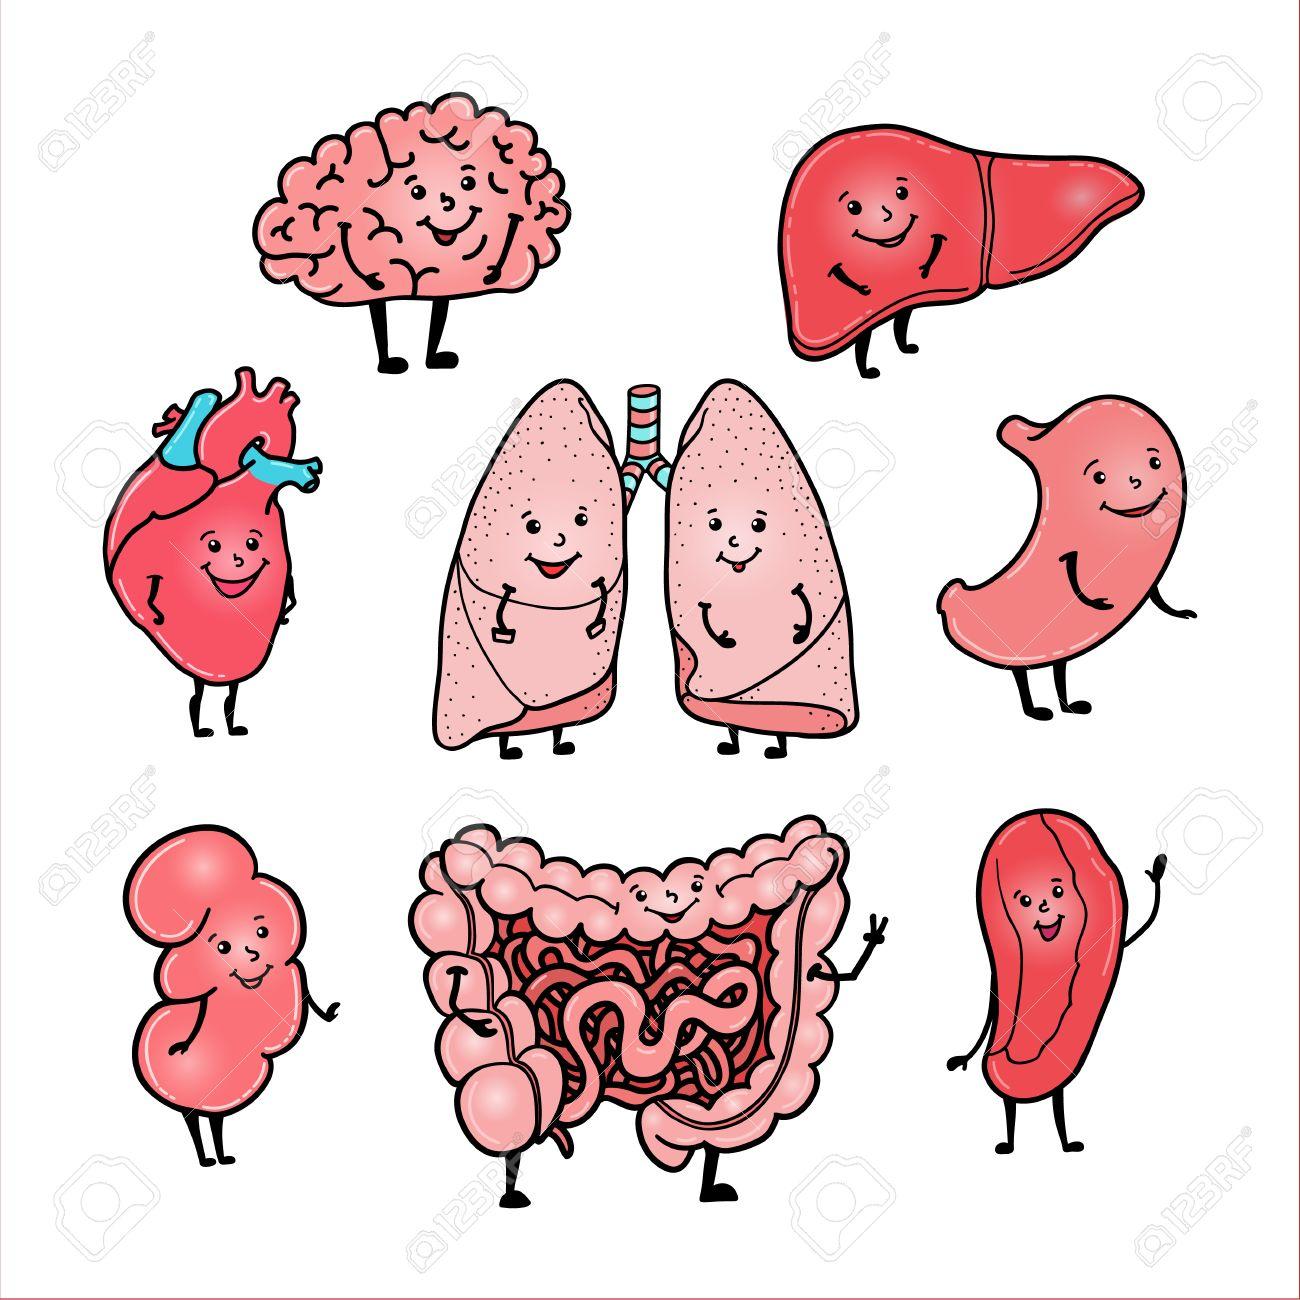 かわいいし面白い人間の臓器 脳心臓肝臓腎臓腸胃肺